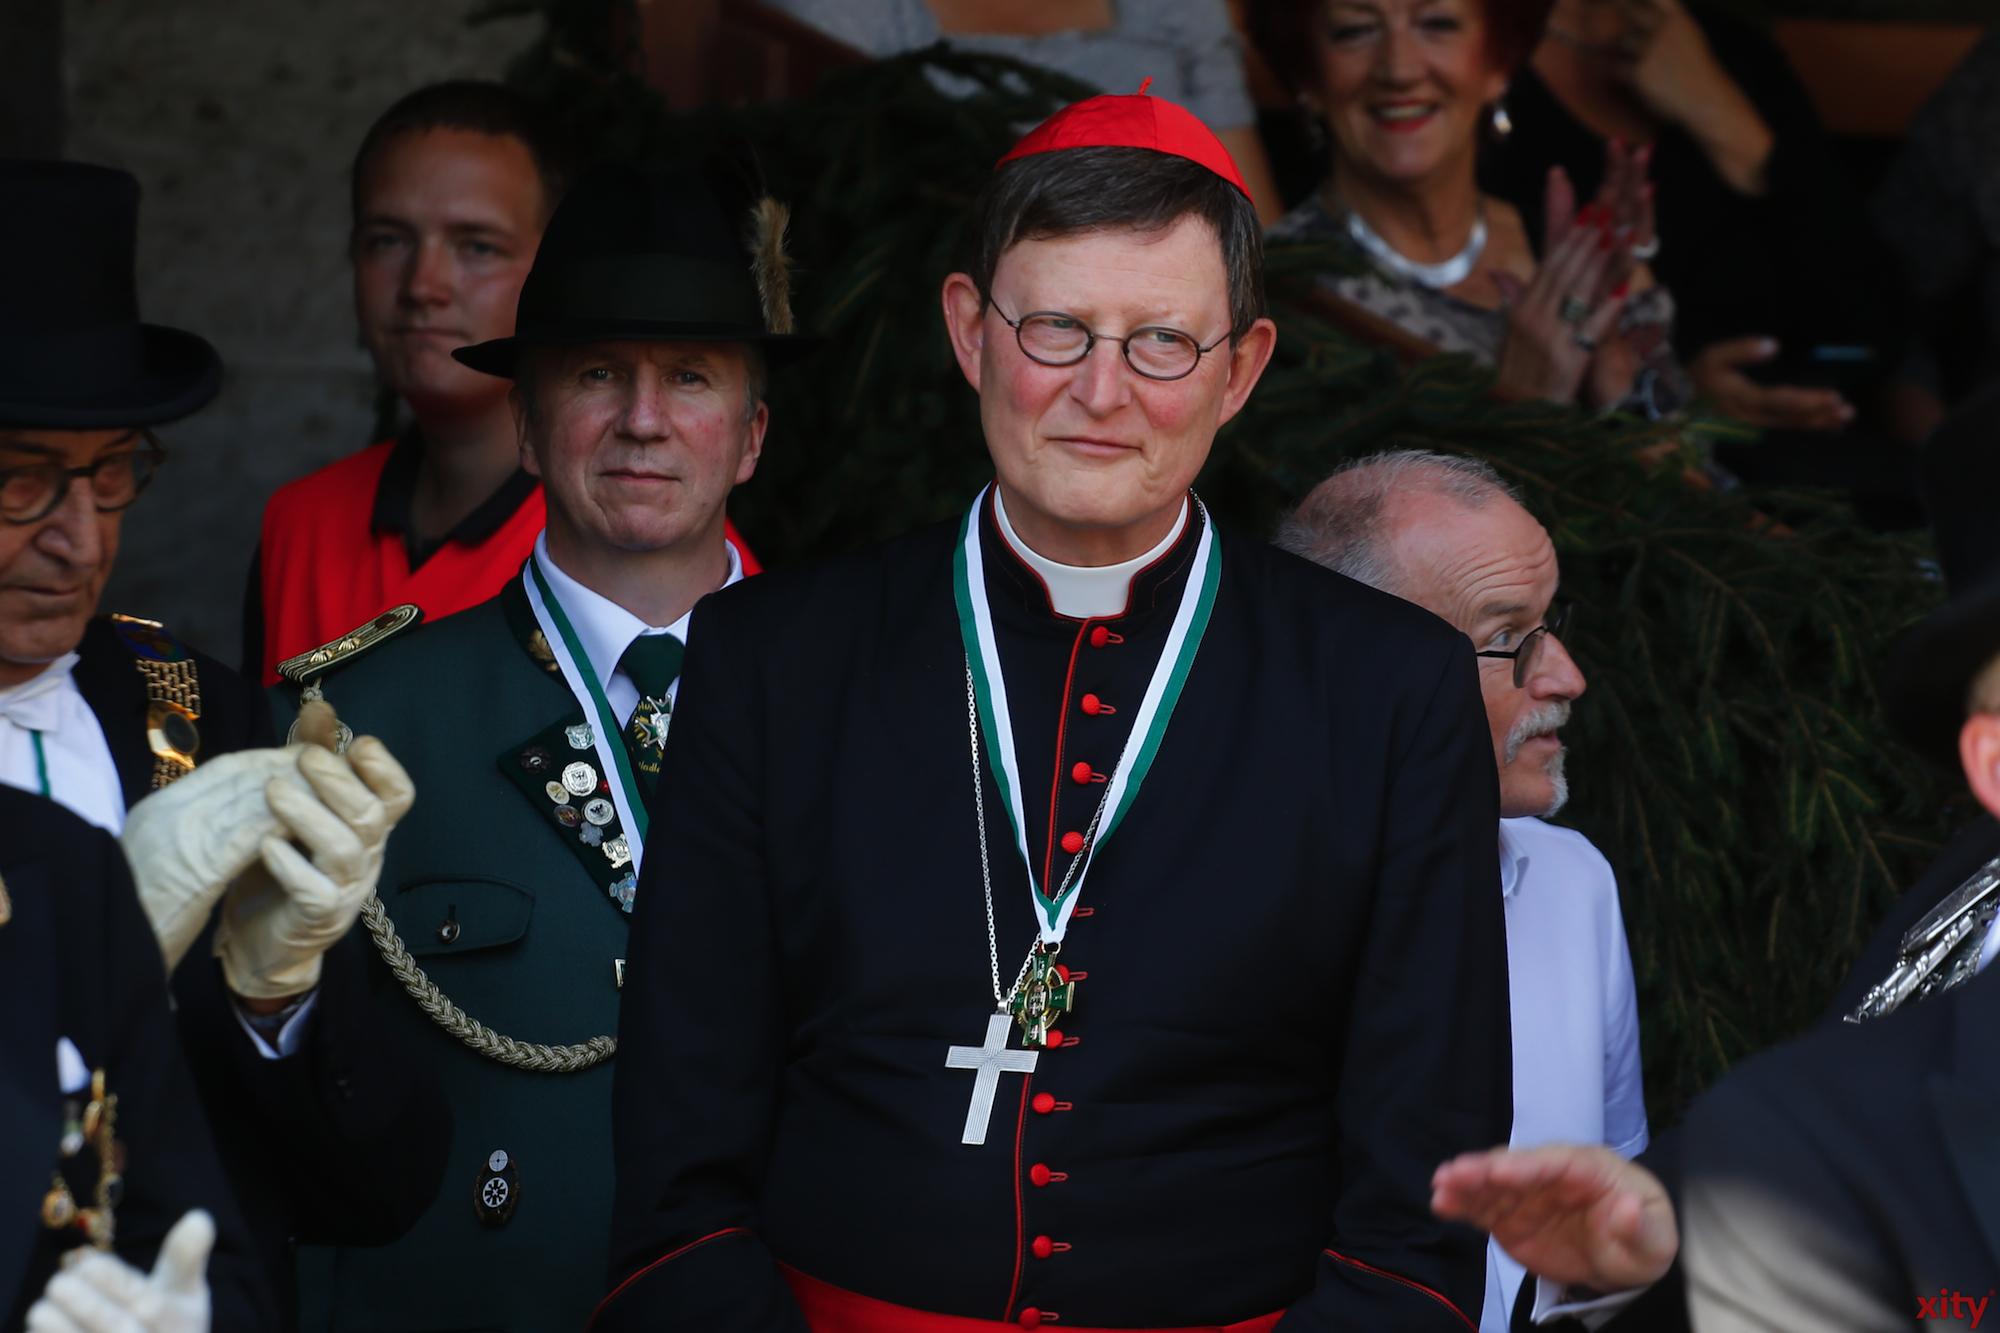 Erzbischof Rainer Maria Kardinal Woelki bei einem Besuch in Neuss im Sommer 2015 (Foto: xity)